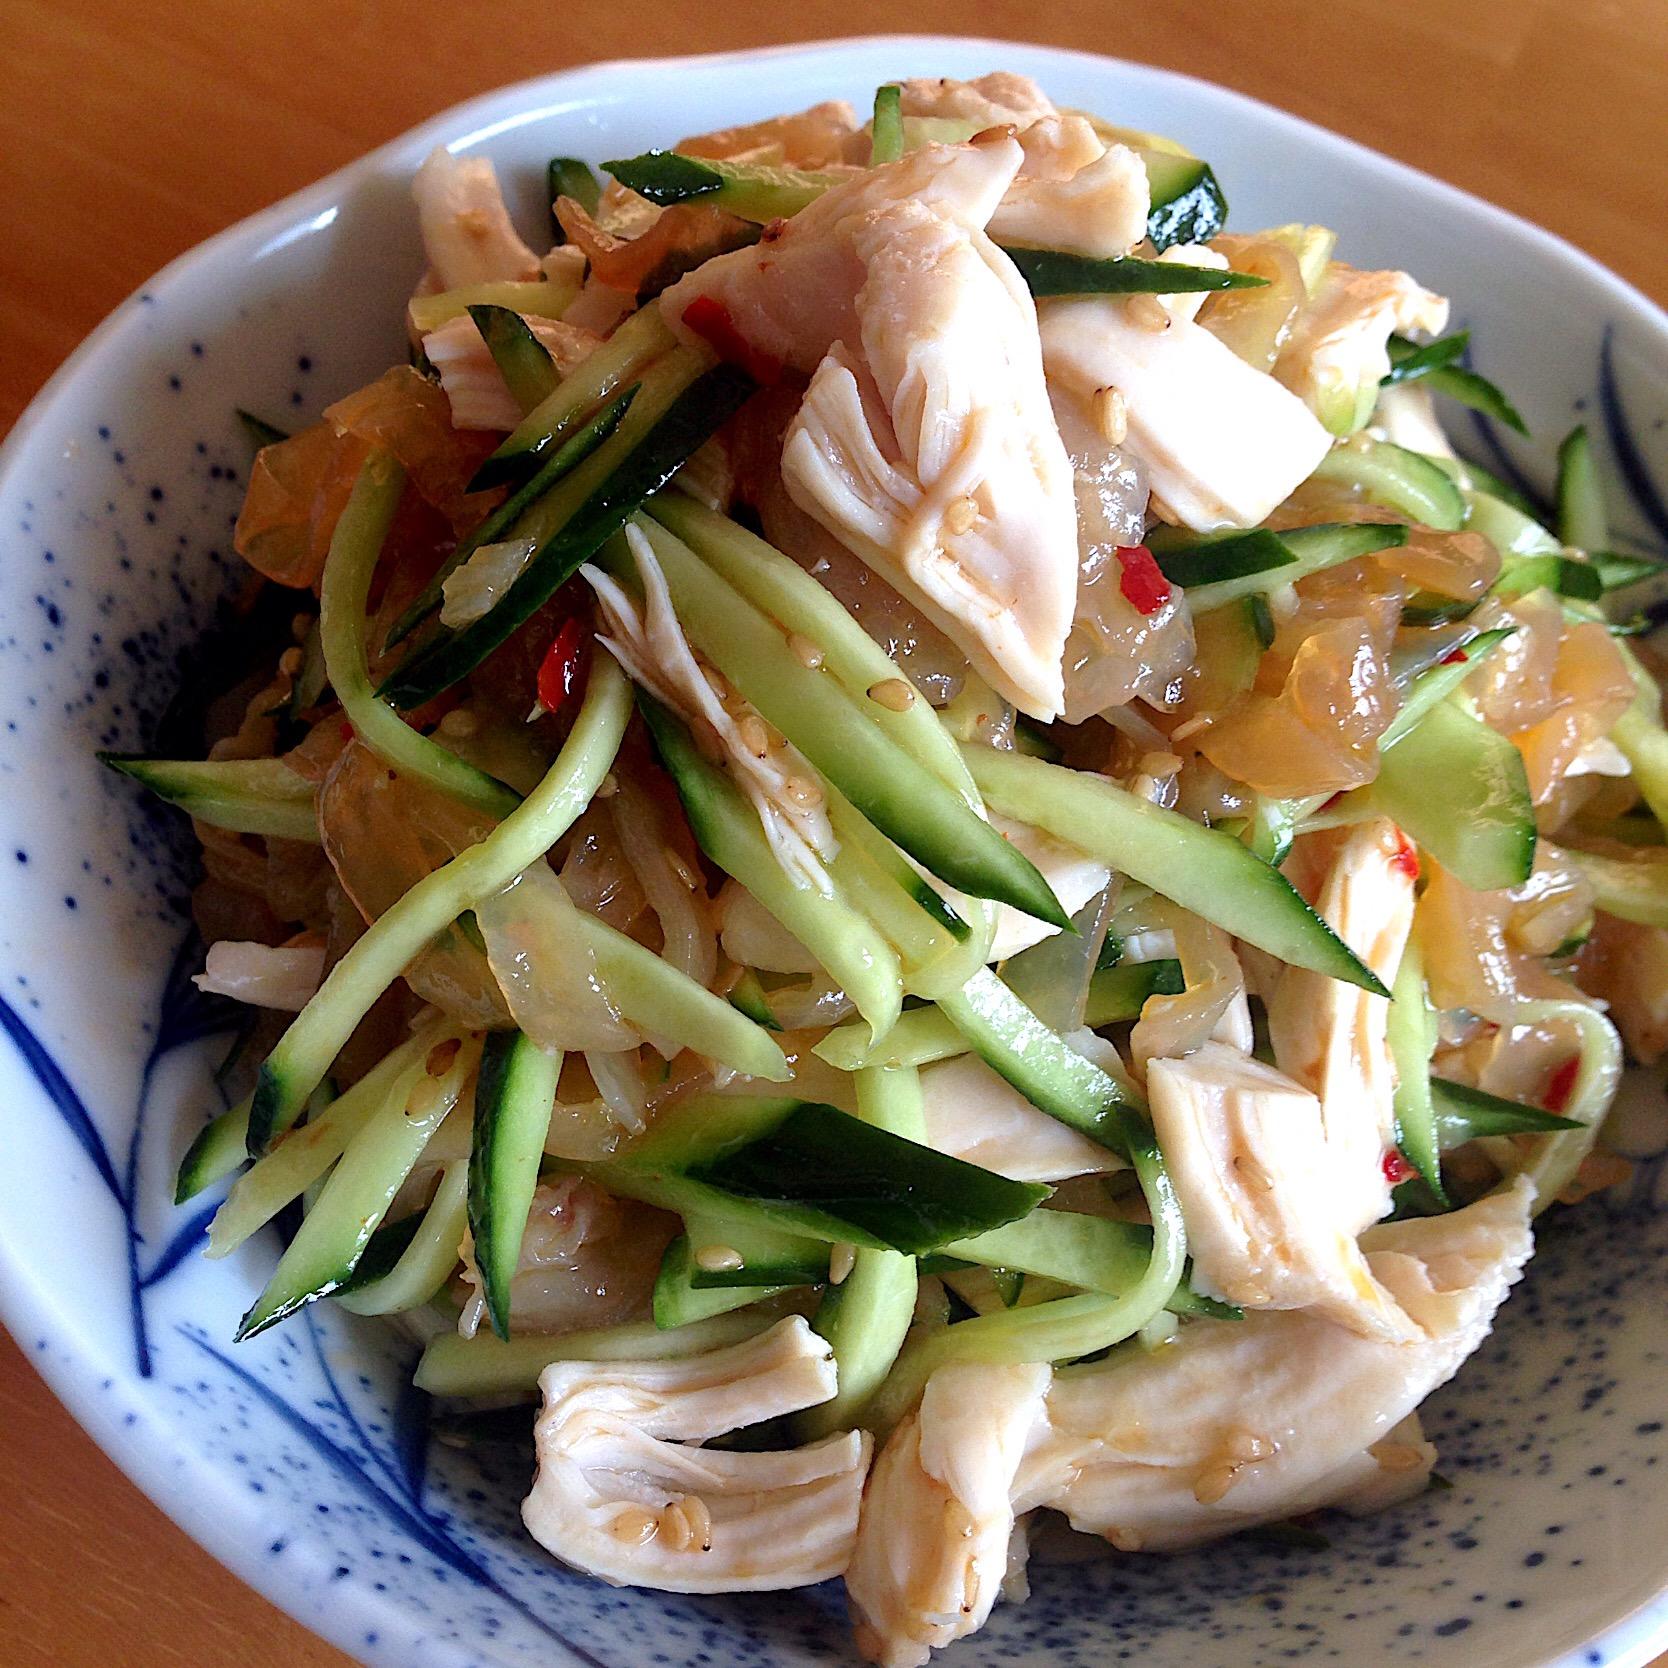 きゅうり ささみ 中華 きゅうりを使った中華風レシピ特集!あっという間に作れる簡単料理を...